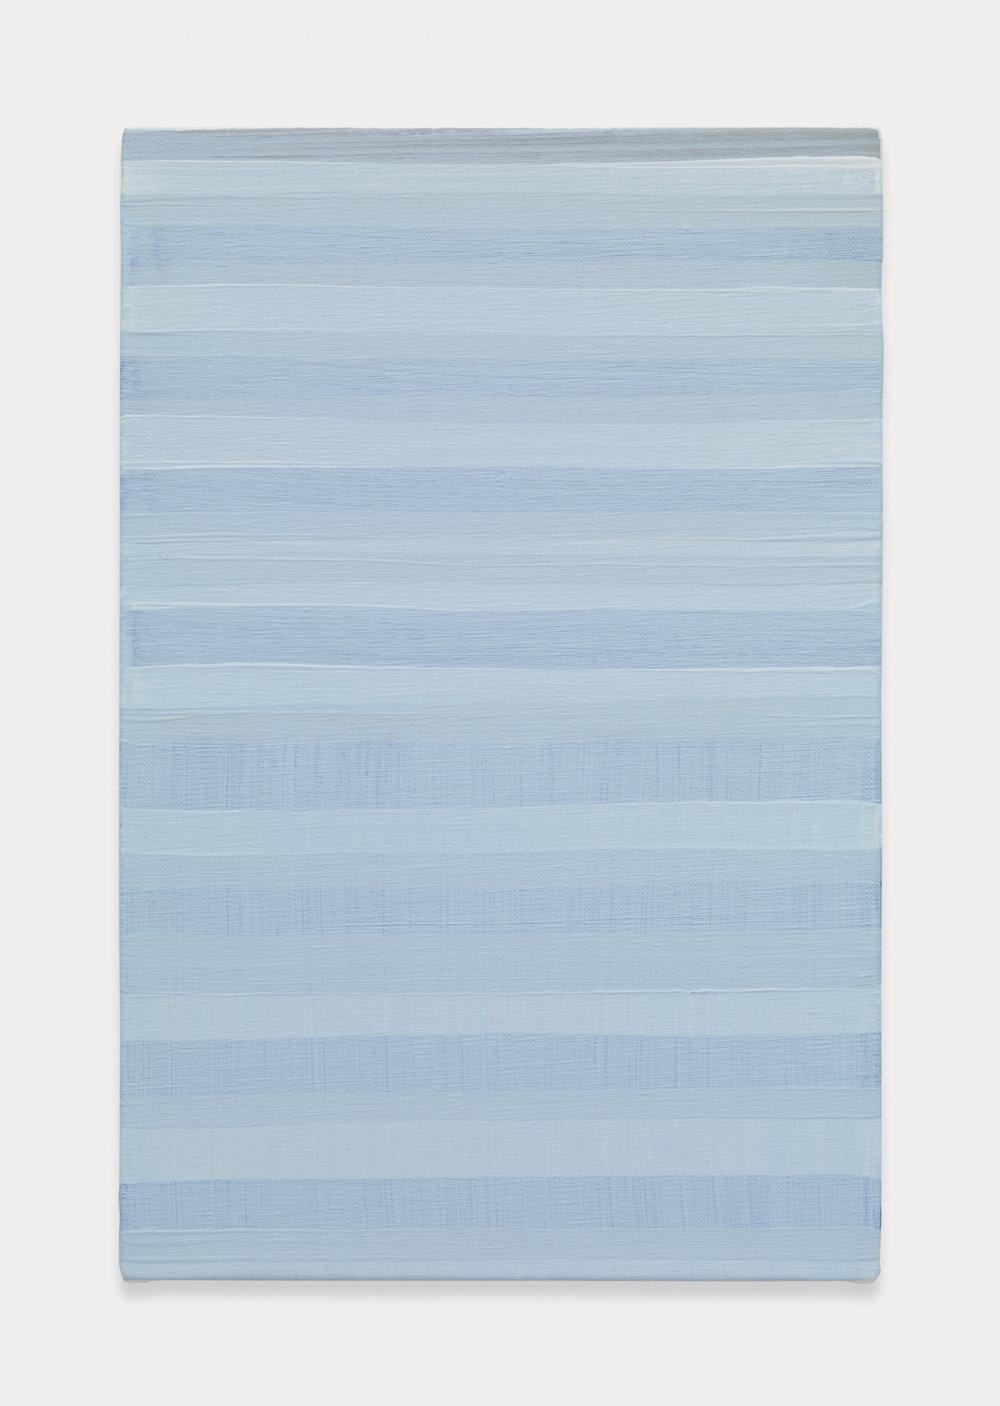 Yui Yaegashi Untitled, 2017 Oil on canvas 13 1/4h x 8 3/4w in 33.66h x 22.23w cm YY099